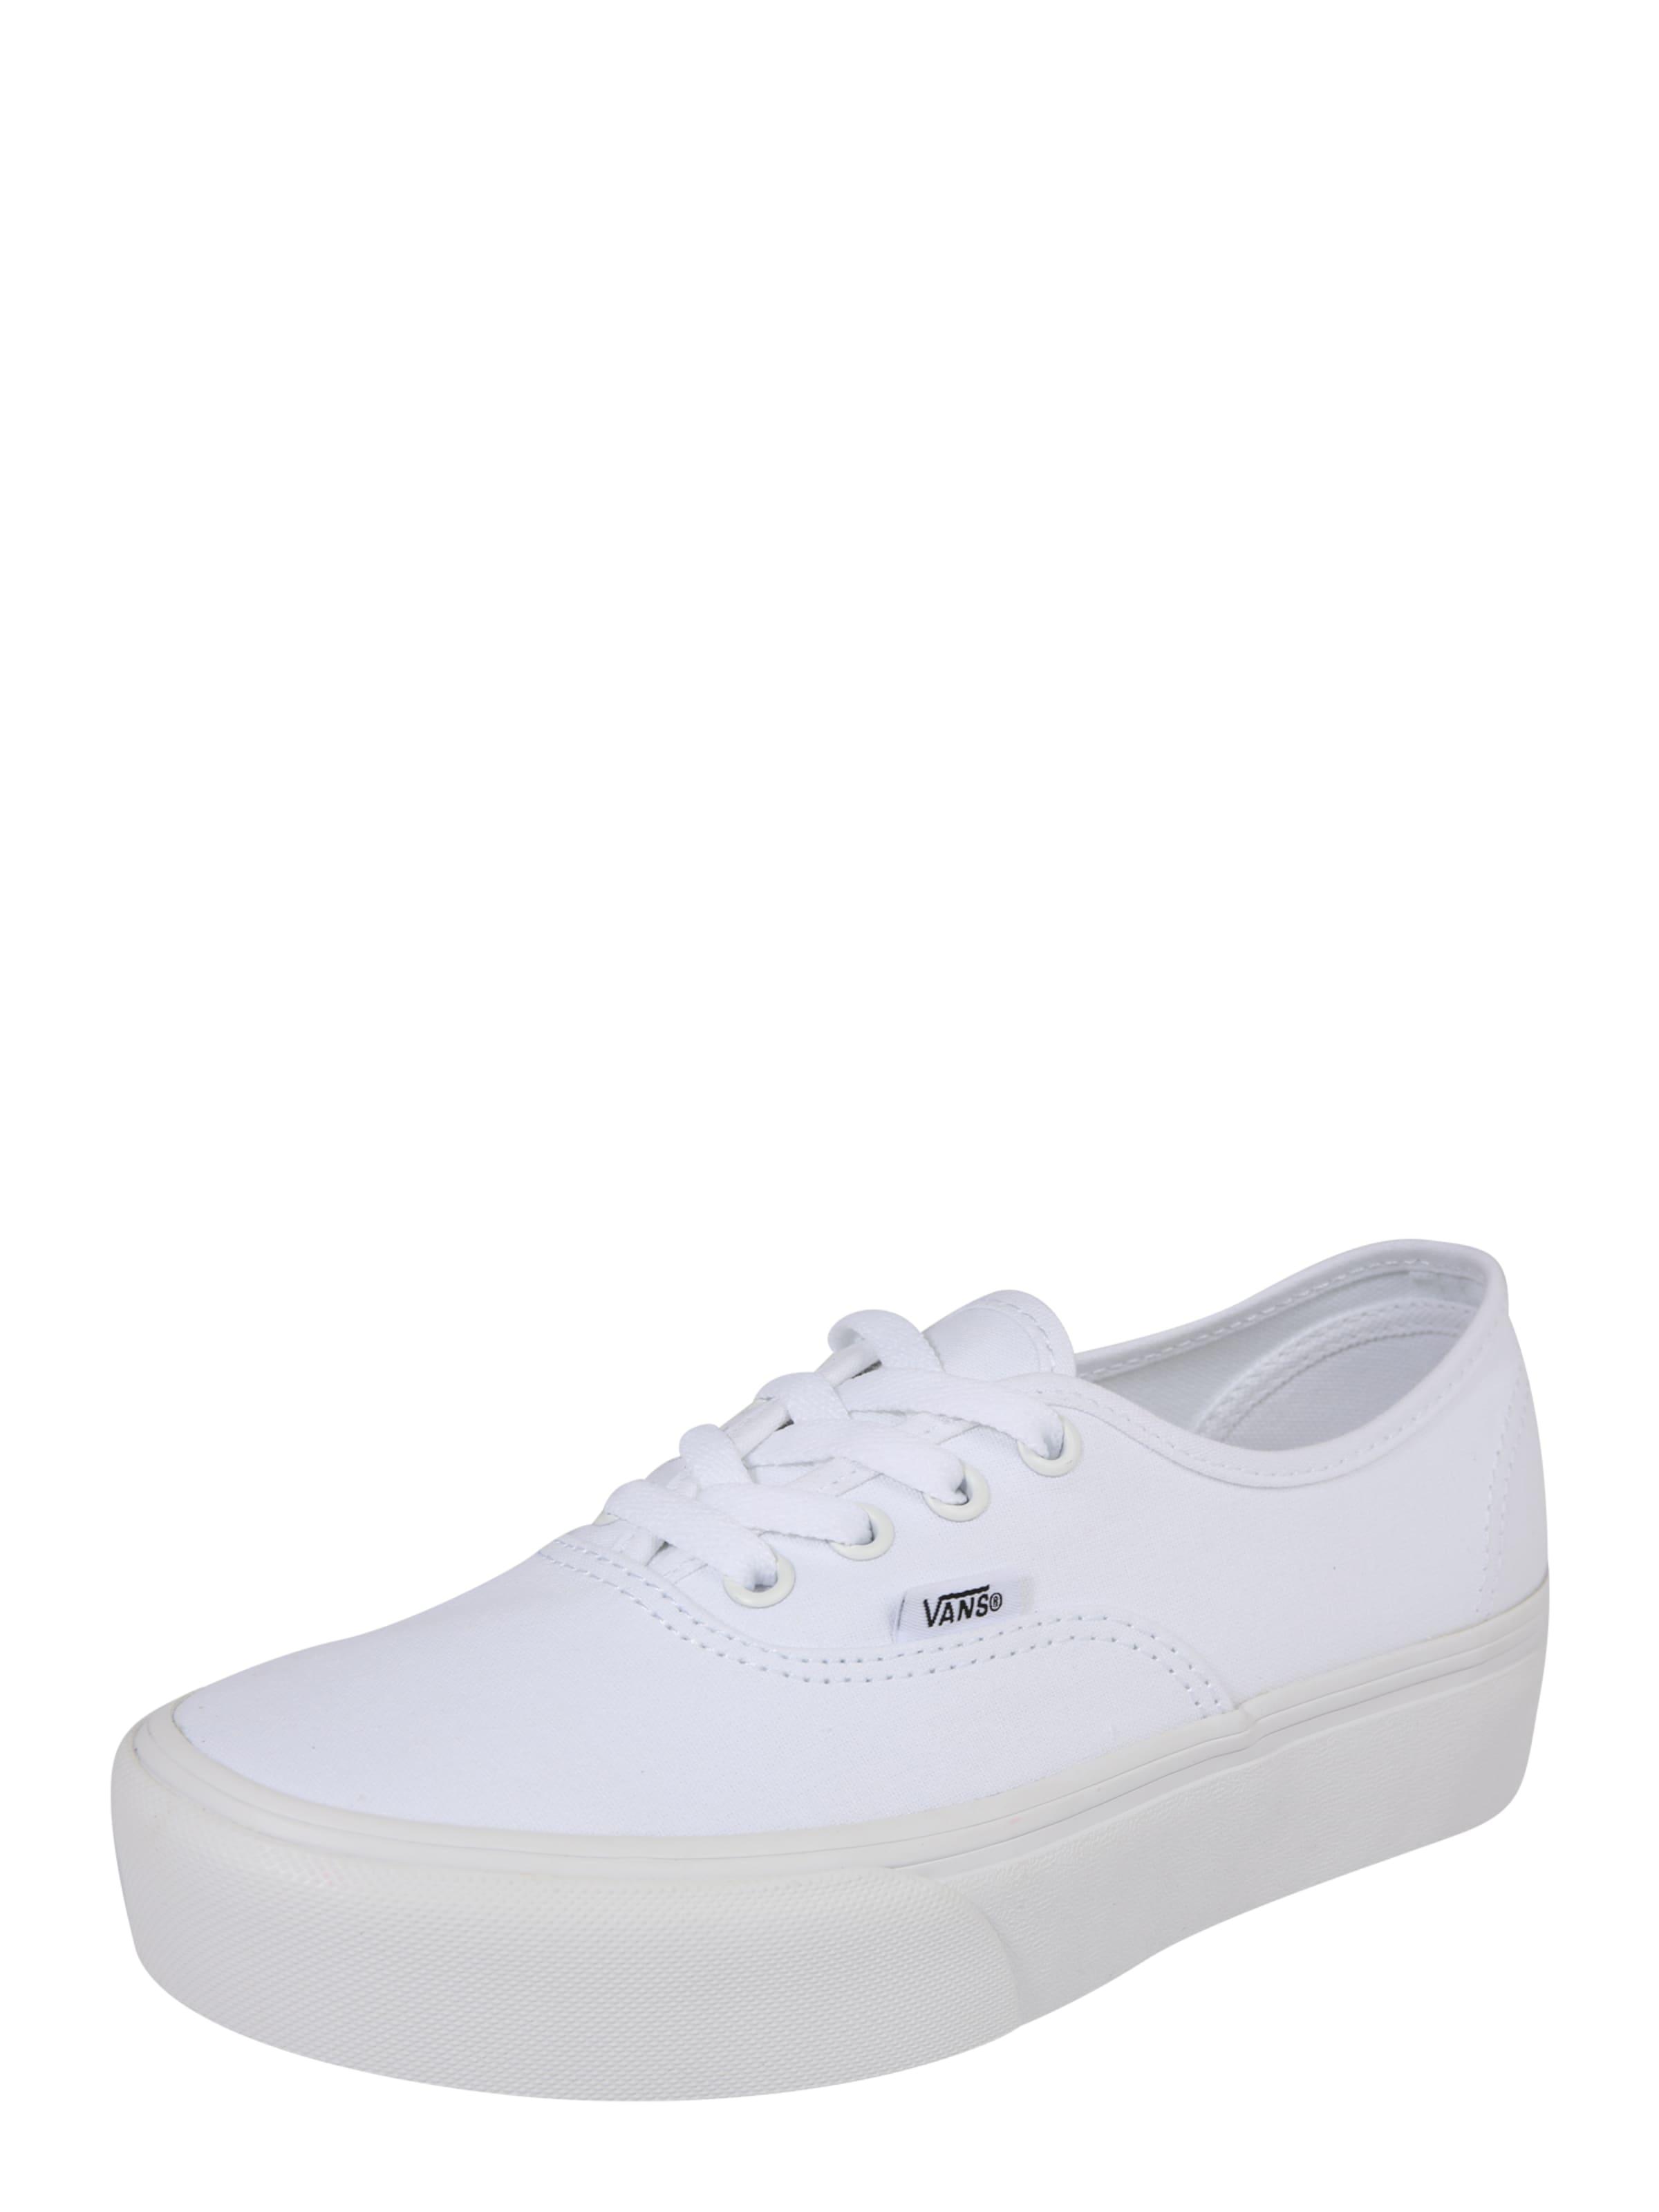 Vans 'ua Platform Blanc 0' Authentic Baskets En 2 Basses 2YDWEI9H